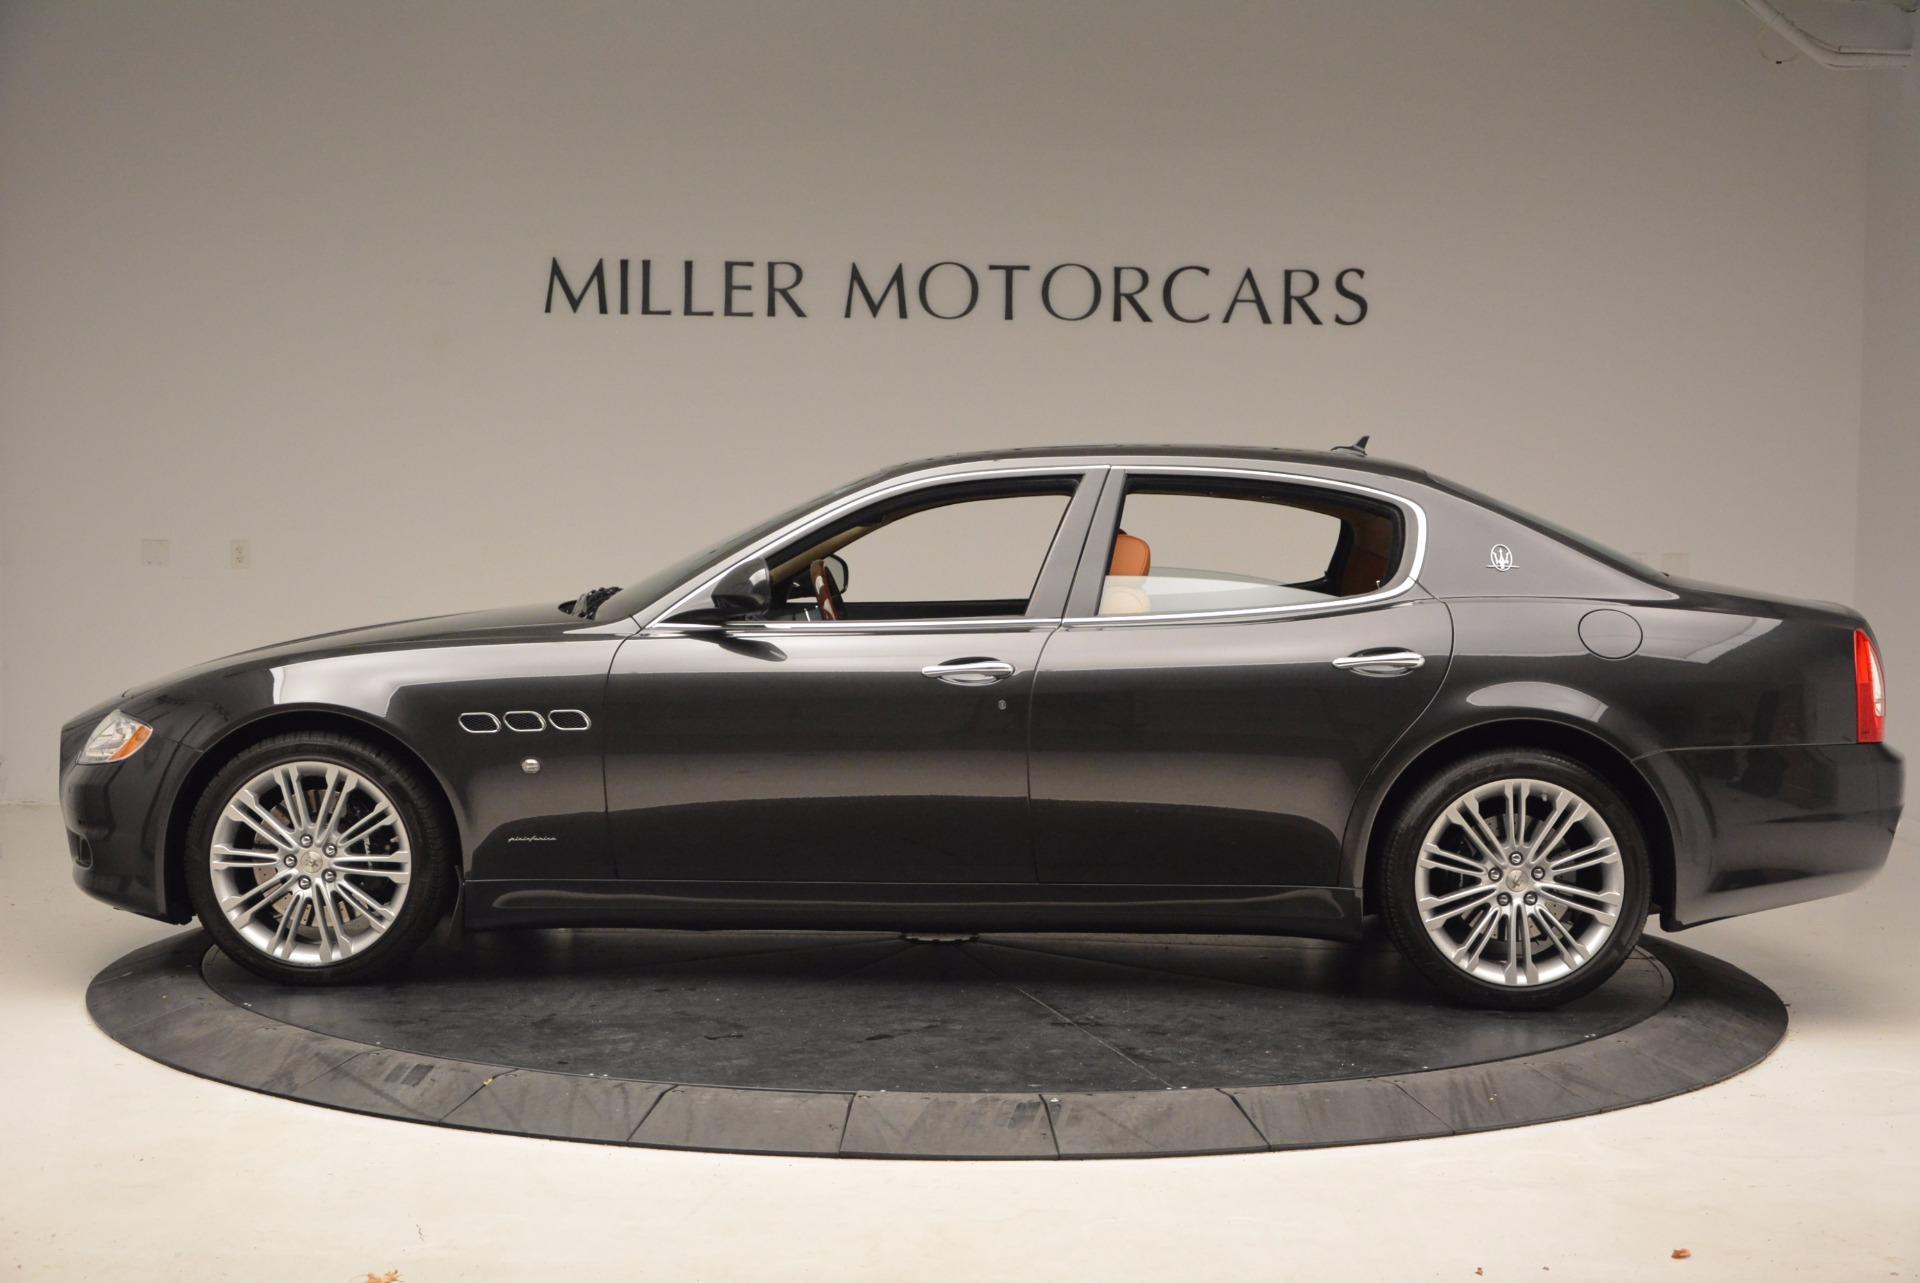 Used 2010 Maserati Quattroporte S For Sale In Greenwich, CT. Alfa Romeo of Greenwich, 7279 1551_p3